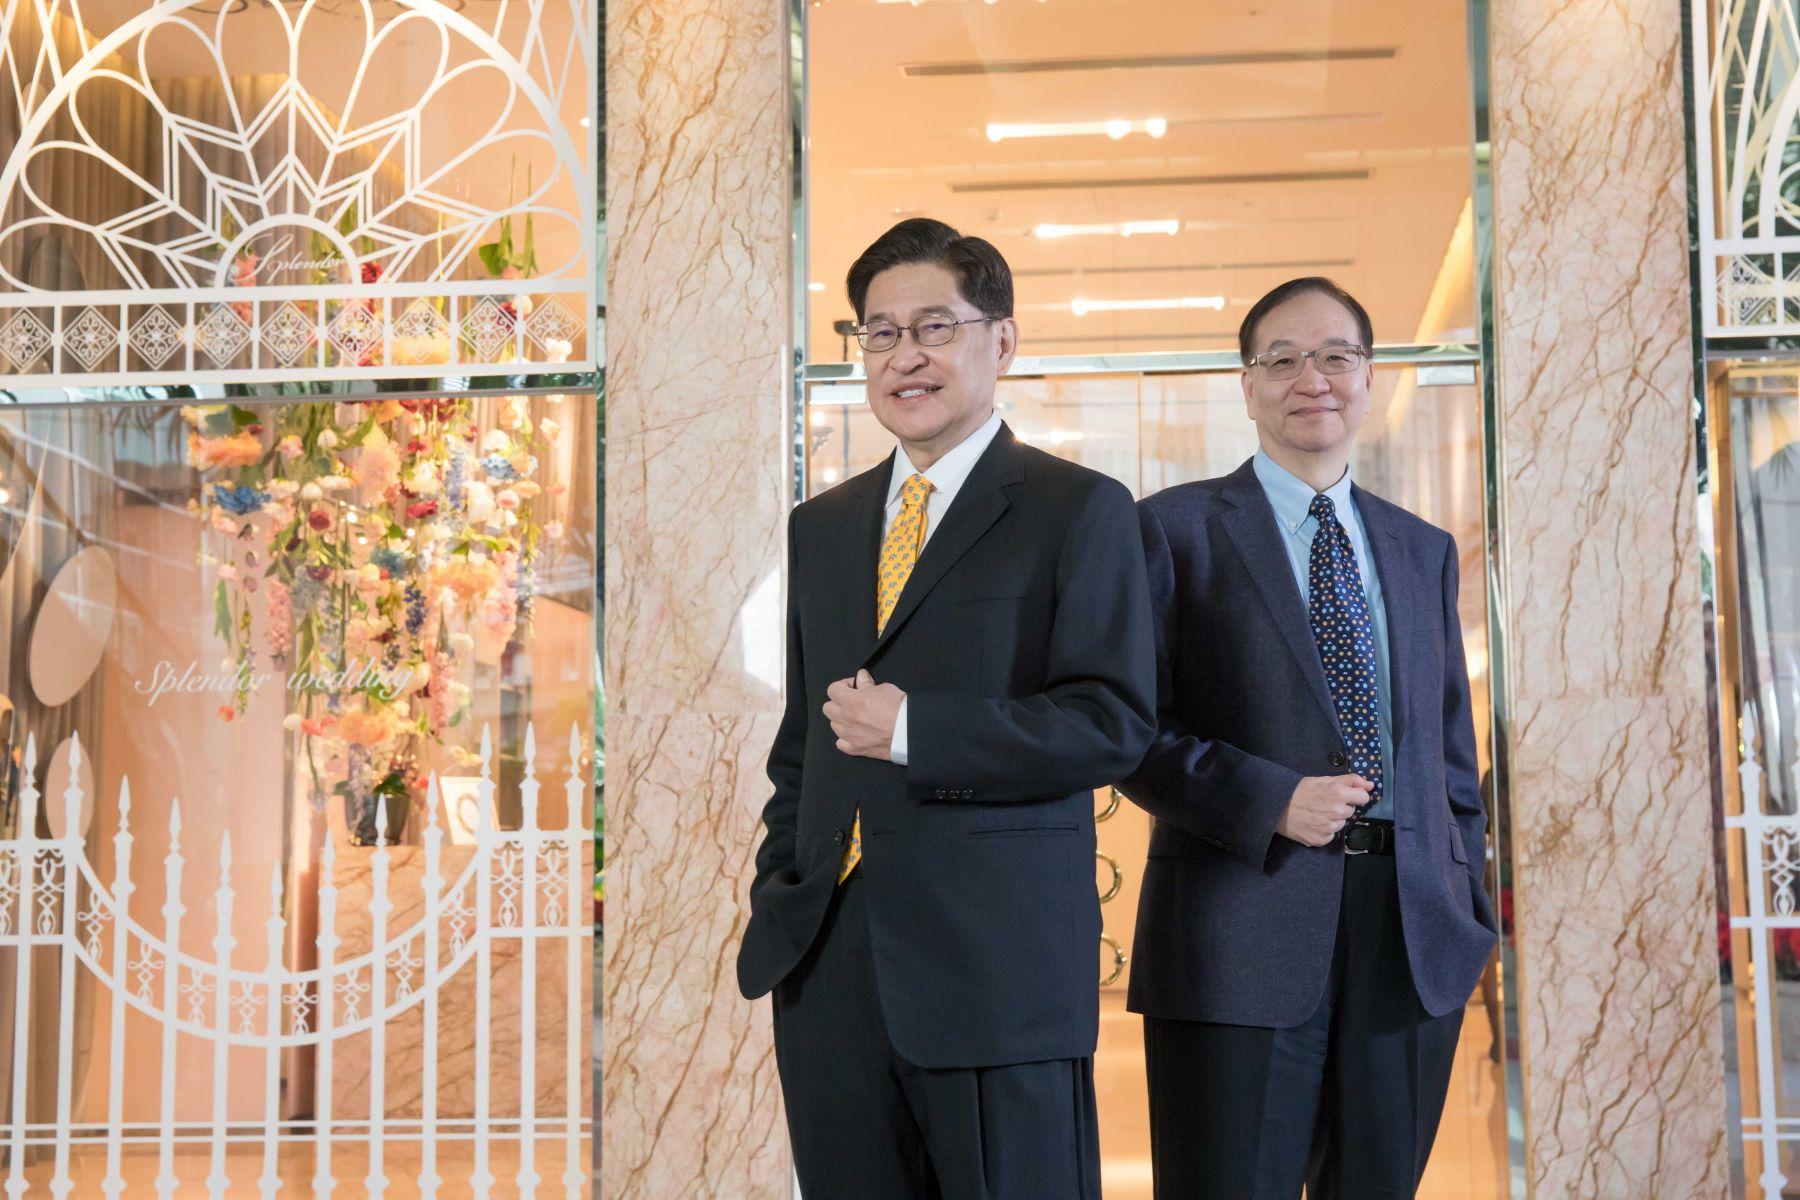 少數有機會打進全球新冠新藥大聯盟的明日之星 台灣這家生技公司怎麼辦到的?